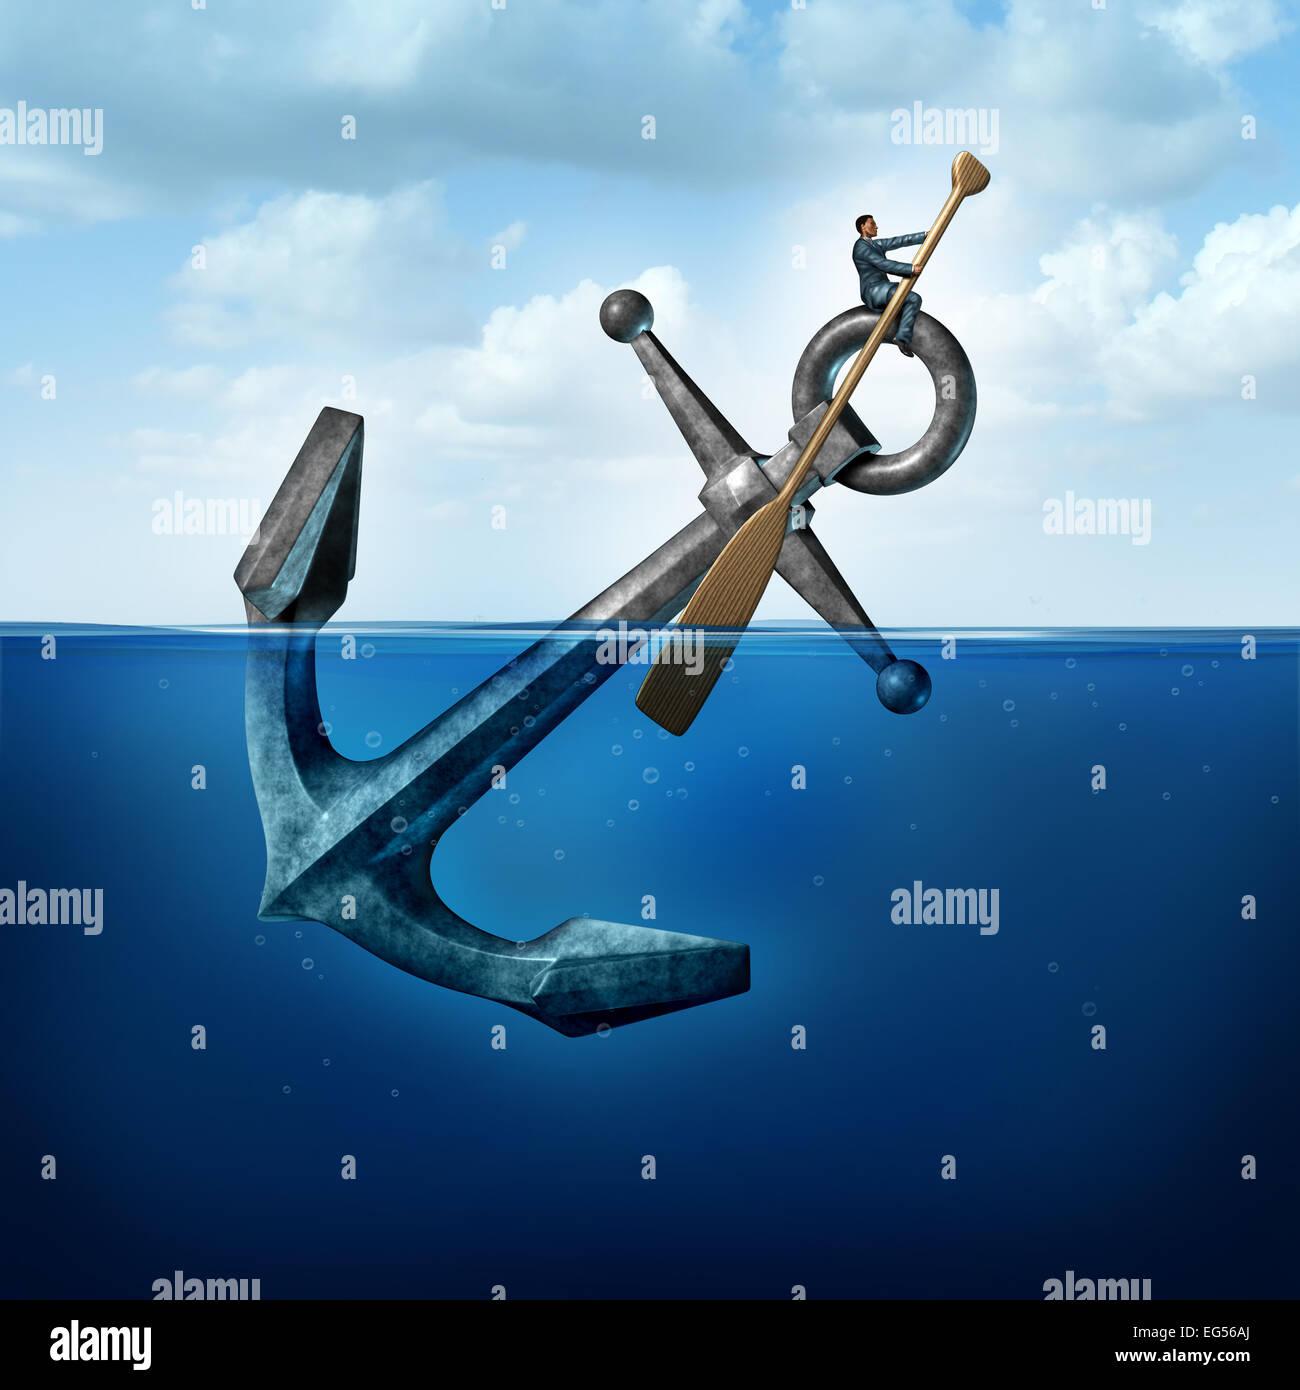 Il pensiero positivo e la resilienza concetto aziendale con una persona su un galleggiante di canottaggio di ancoraggio Immagini Stock